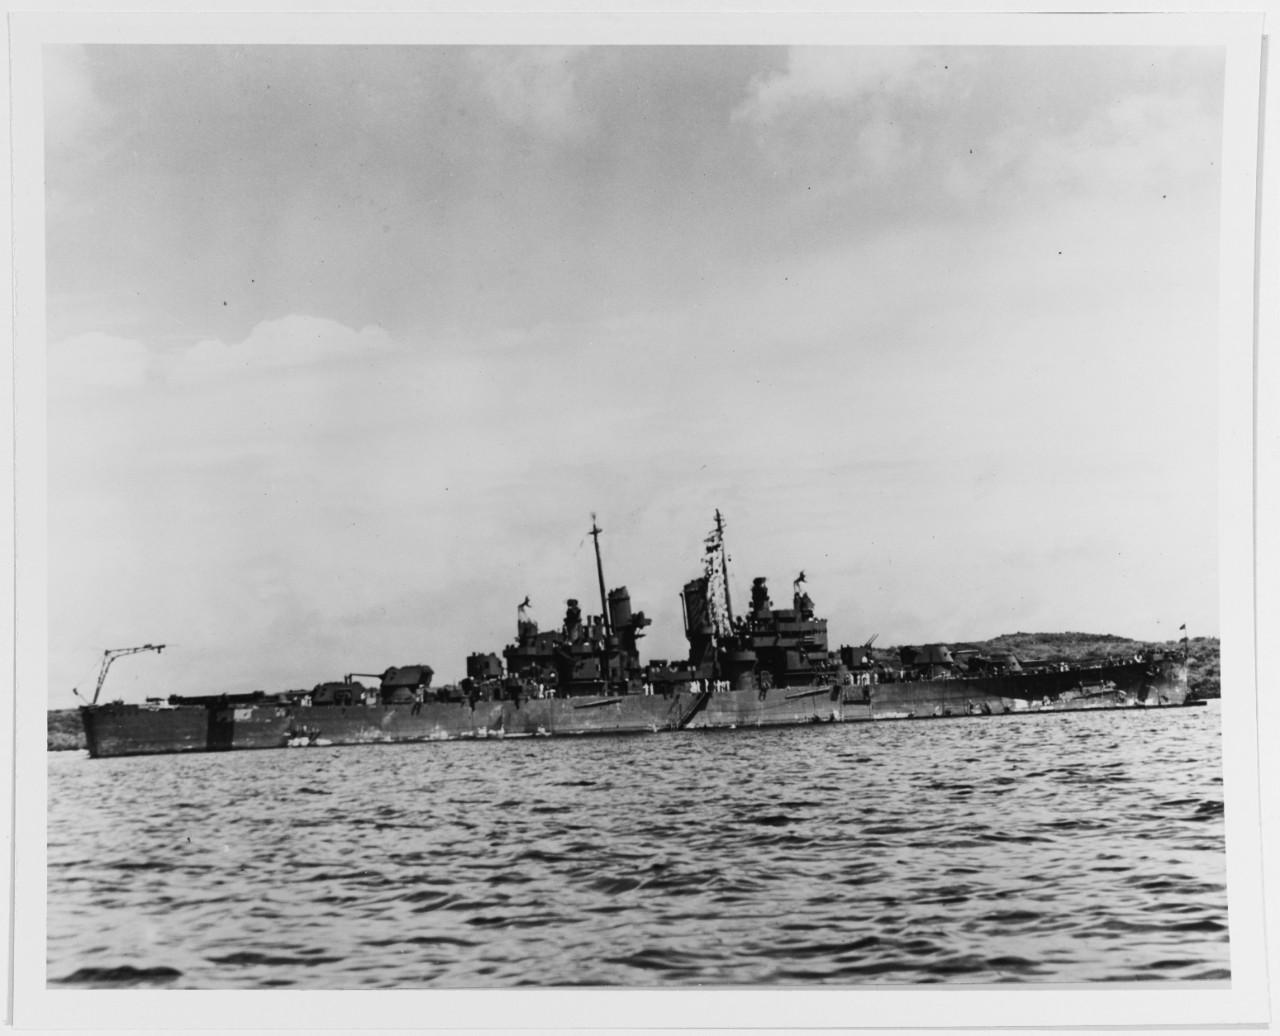 NH 84398 USS Denver (CL-58